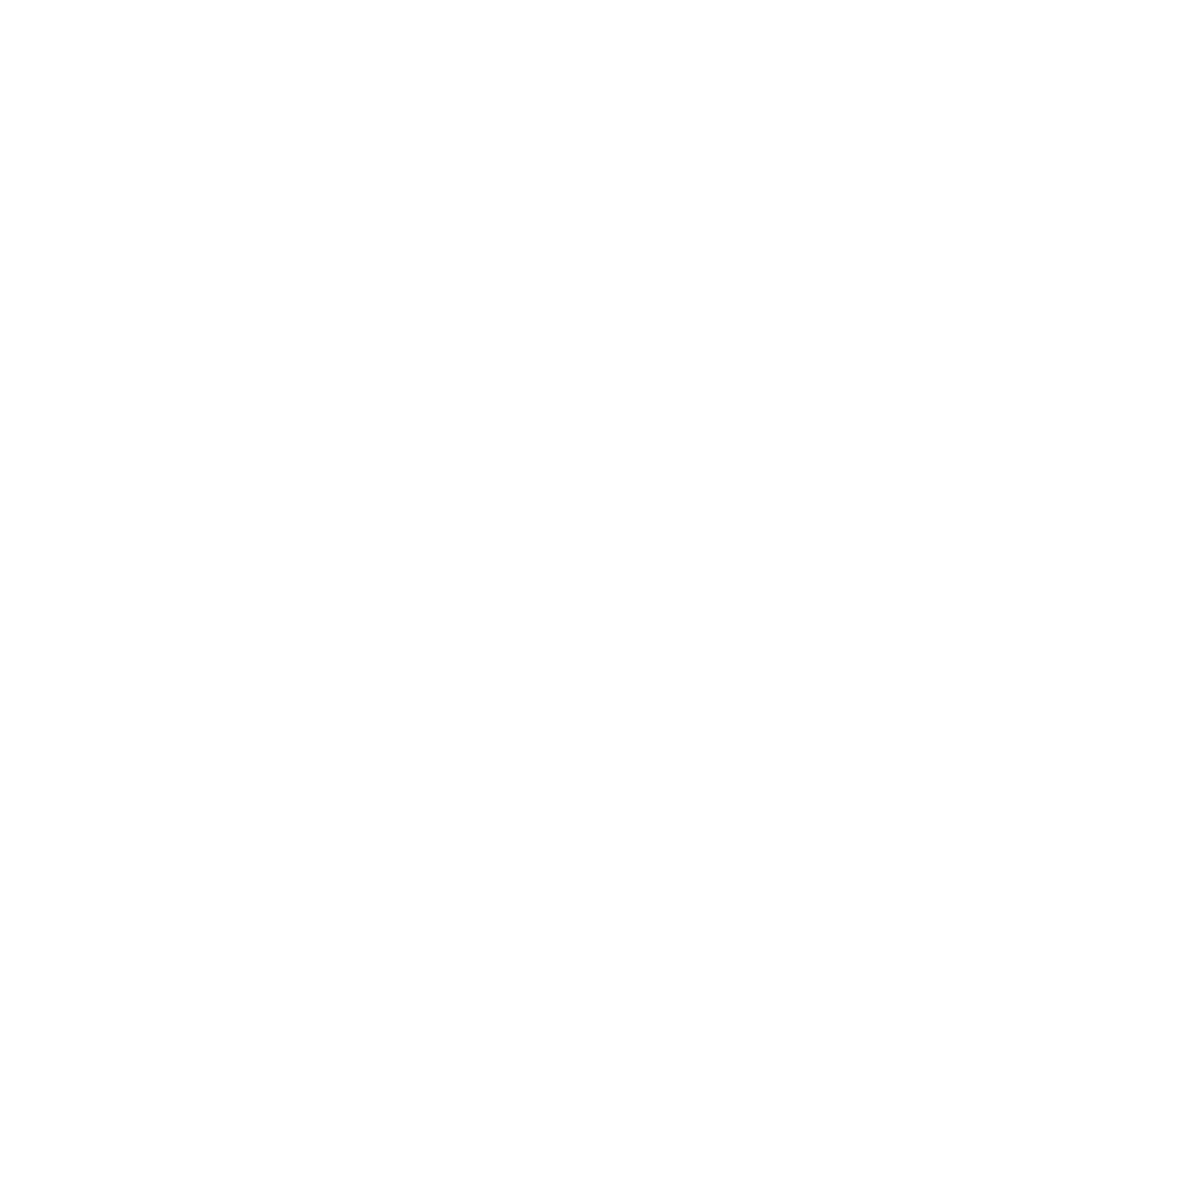 Karen Balkin logo